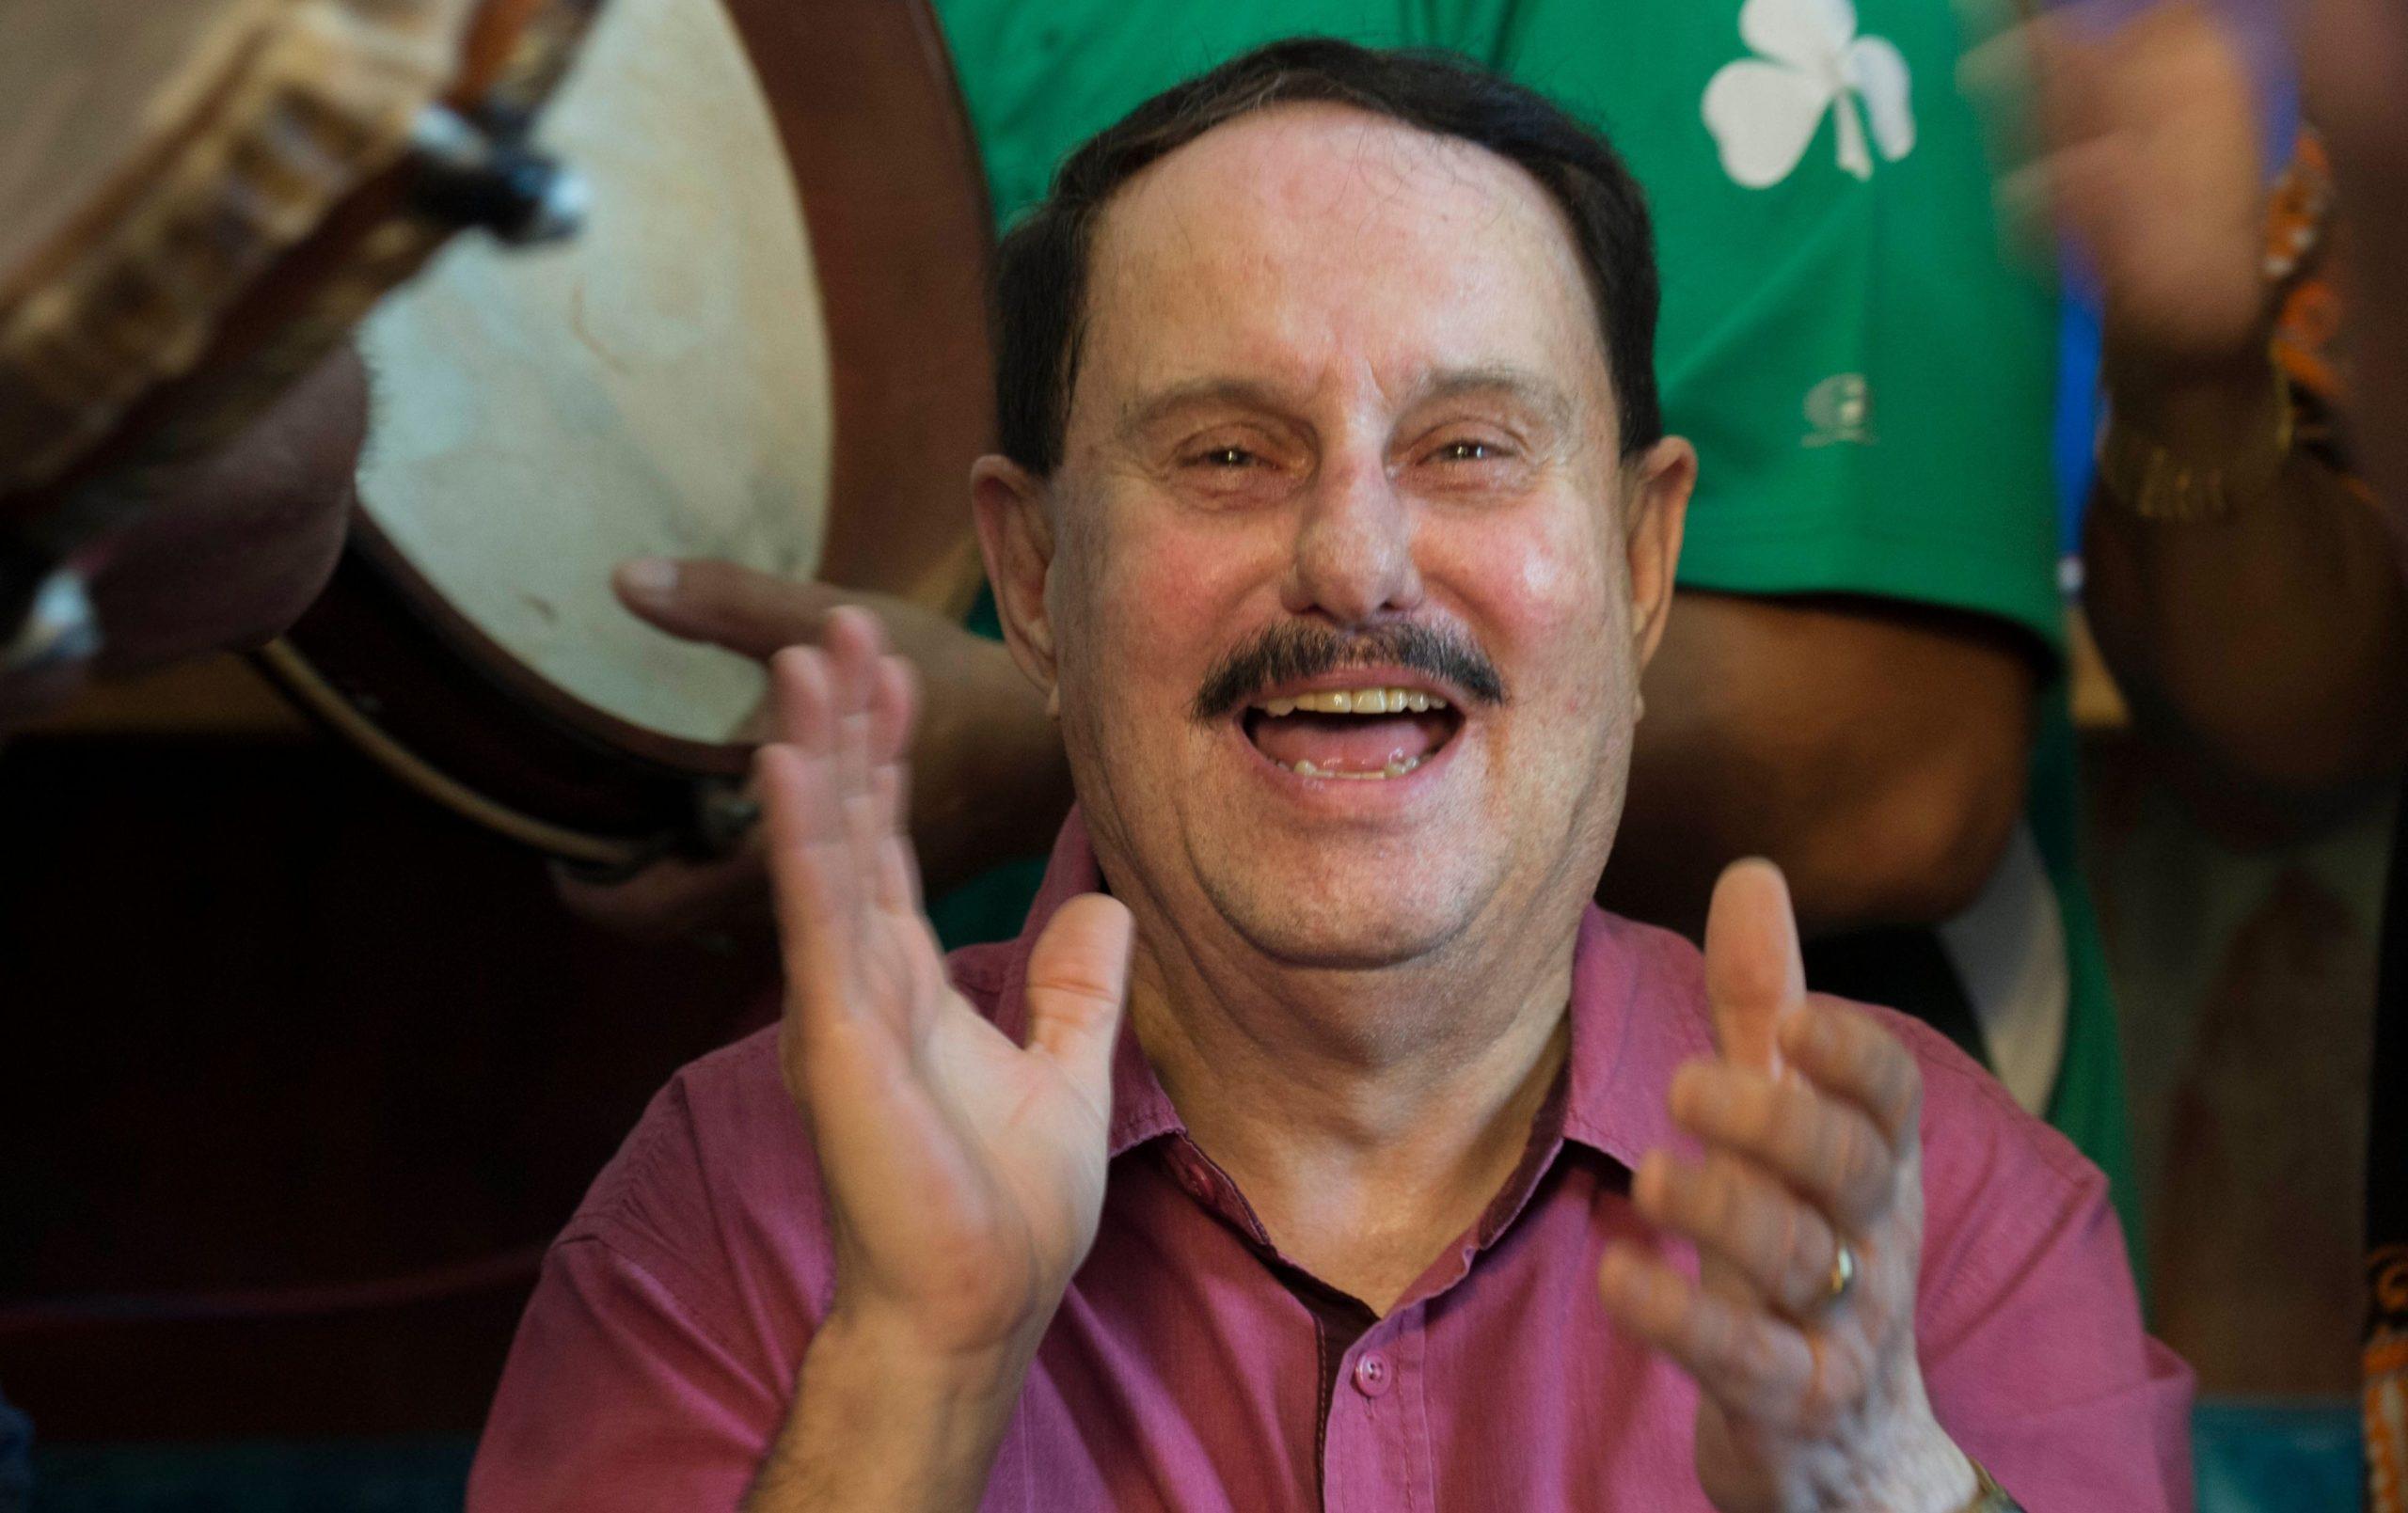 Honores al deportista radial Walter Ortiz Zavala